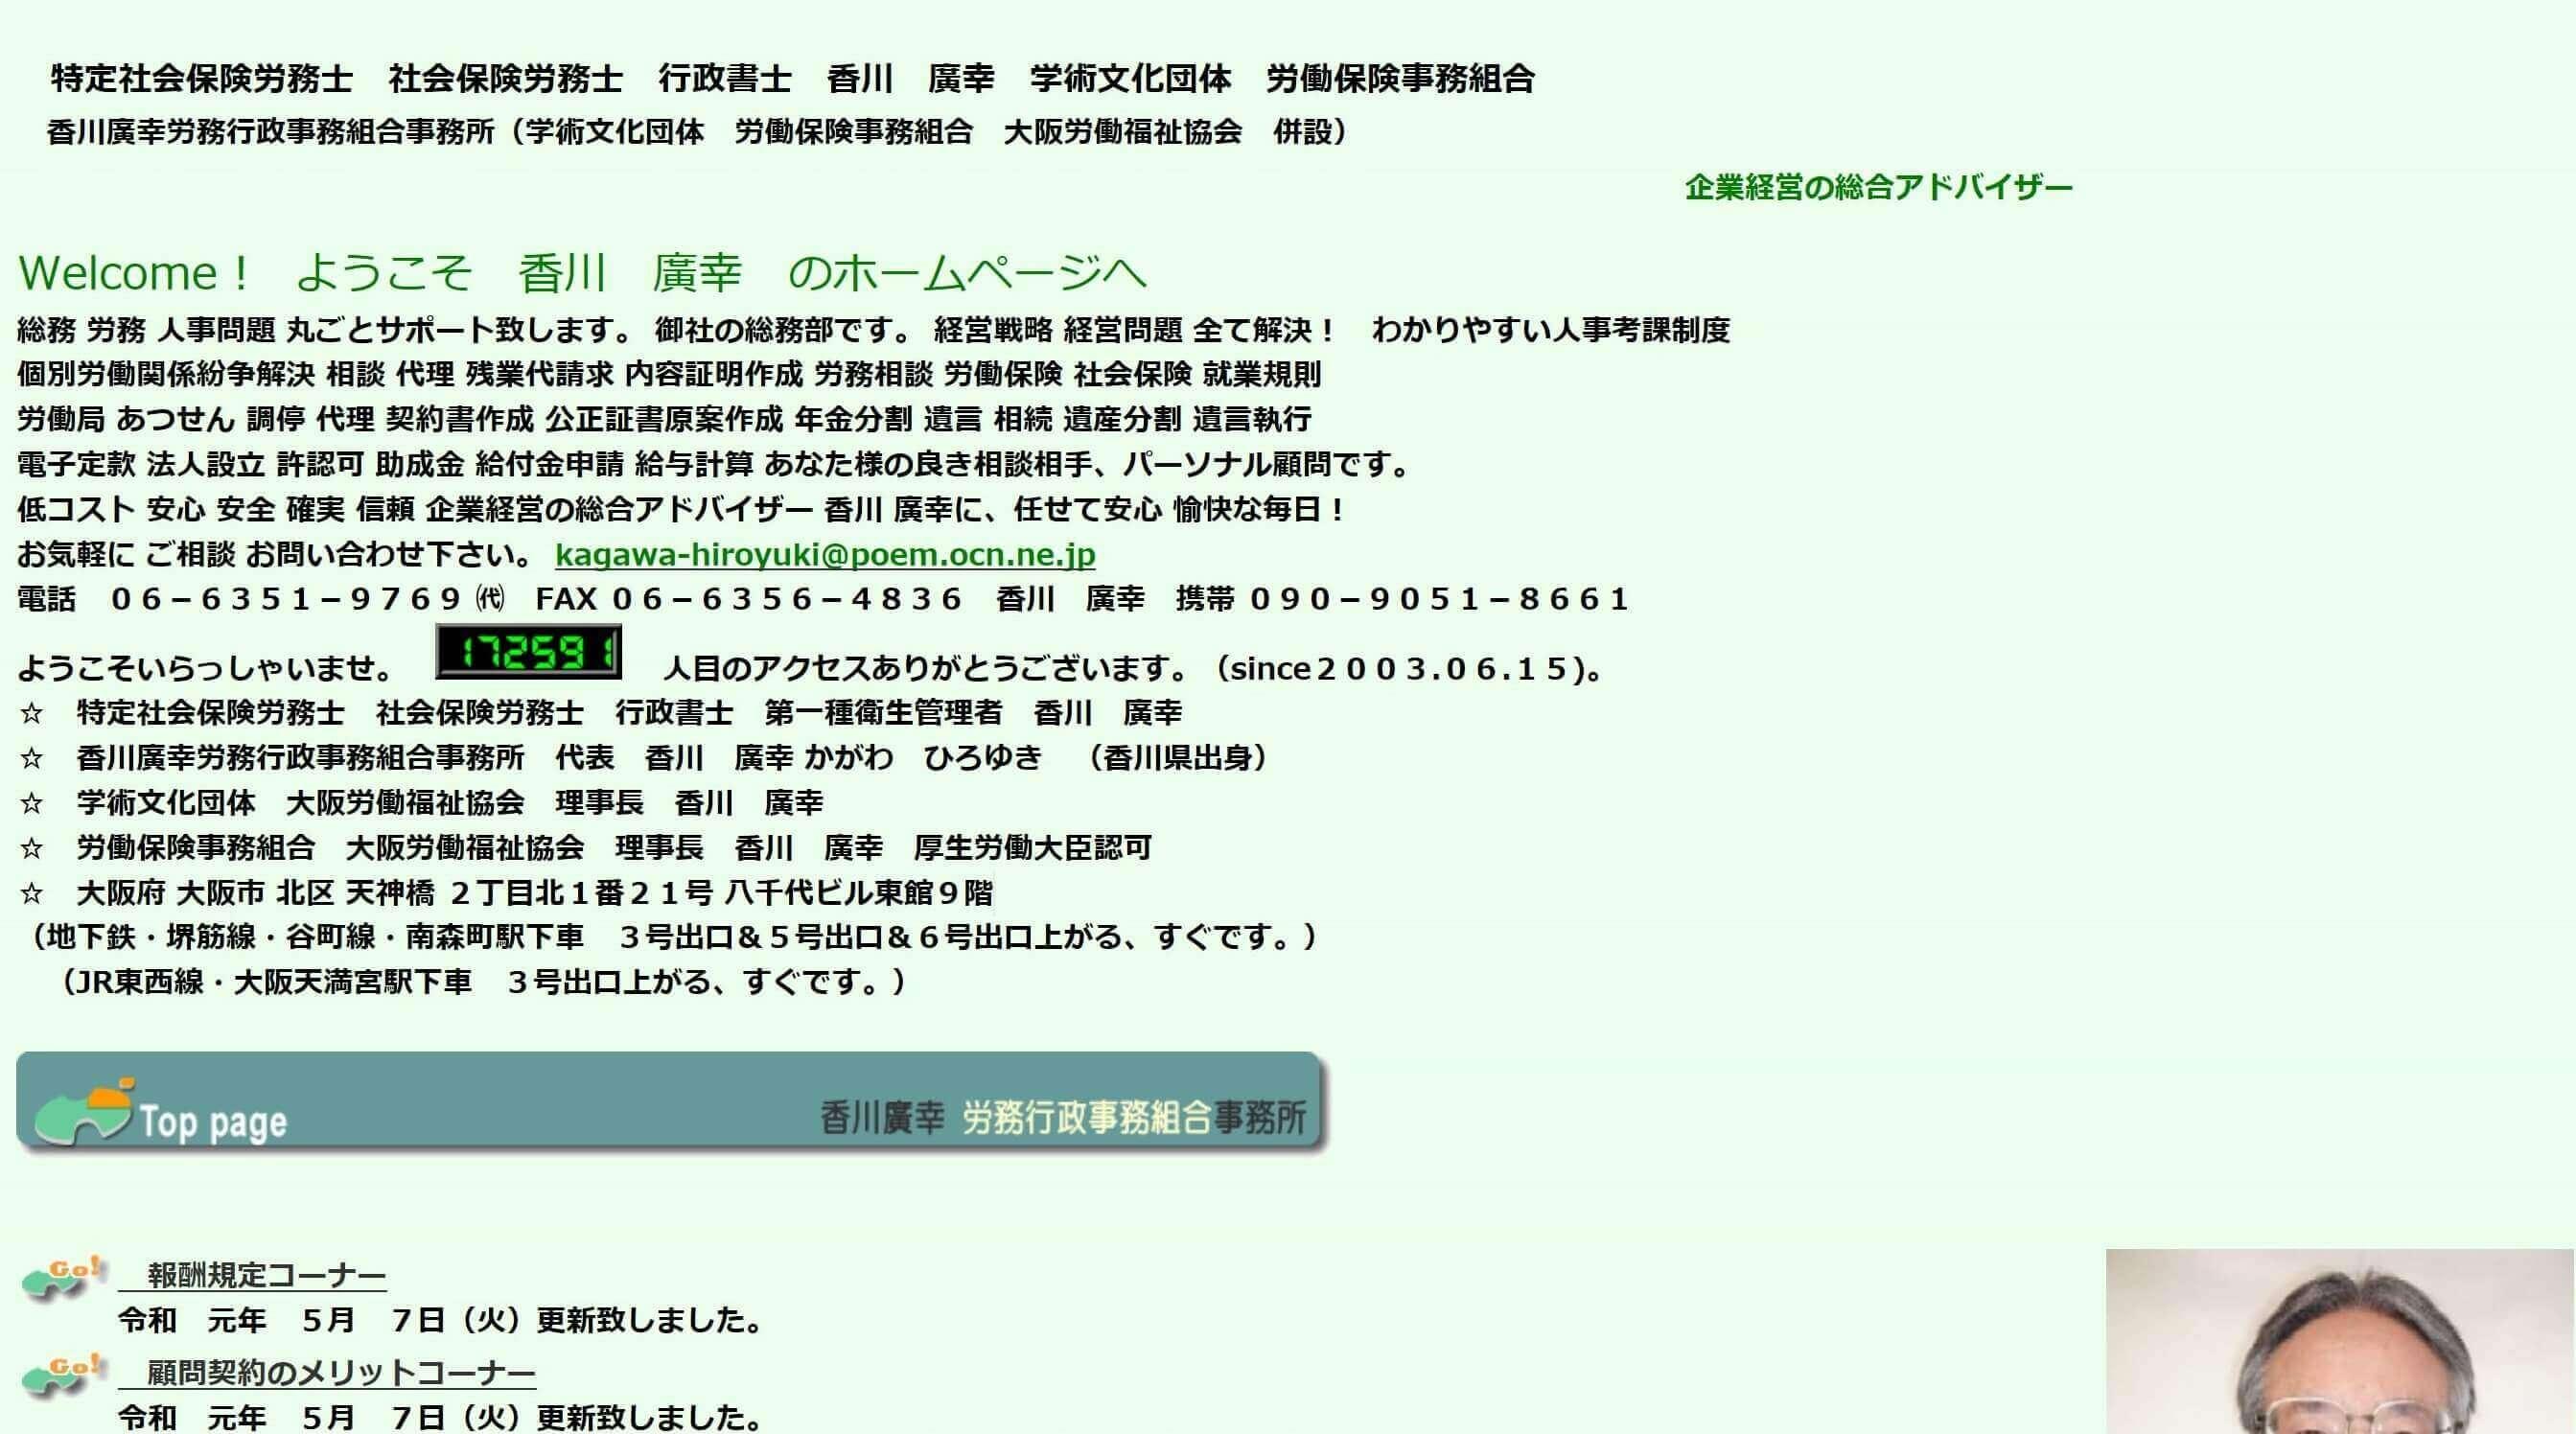 香川廣幸労務行政事務組合事務所